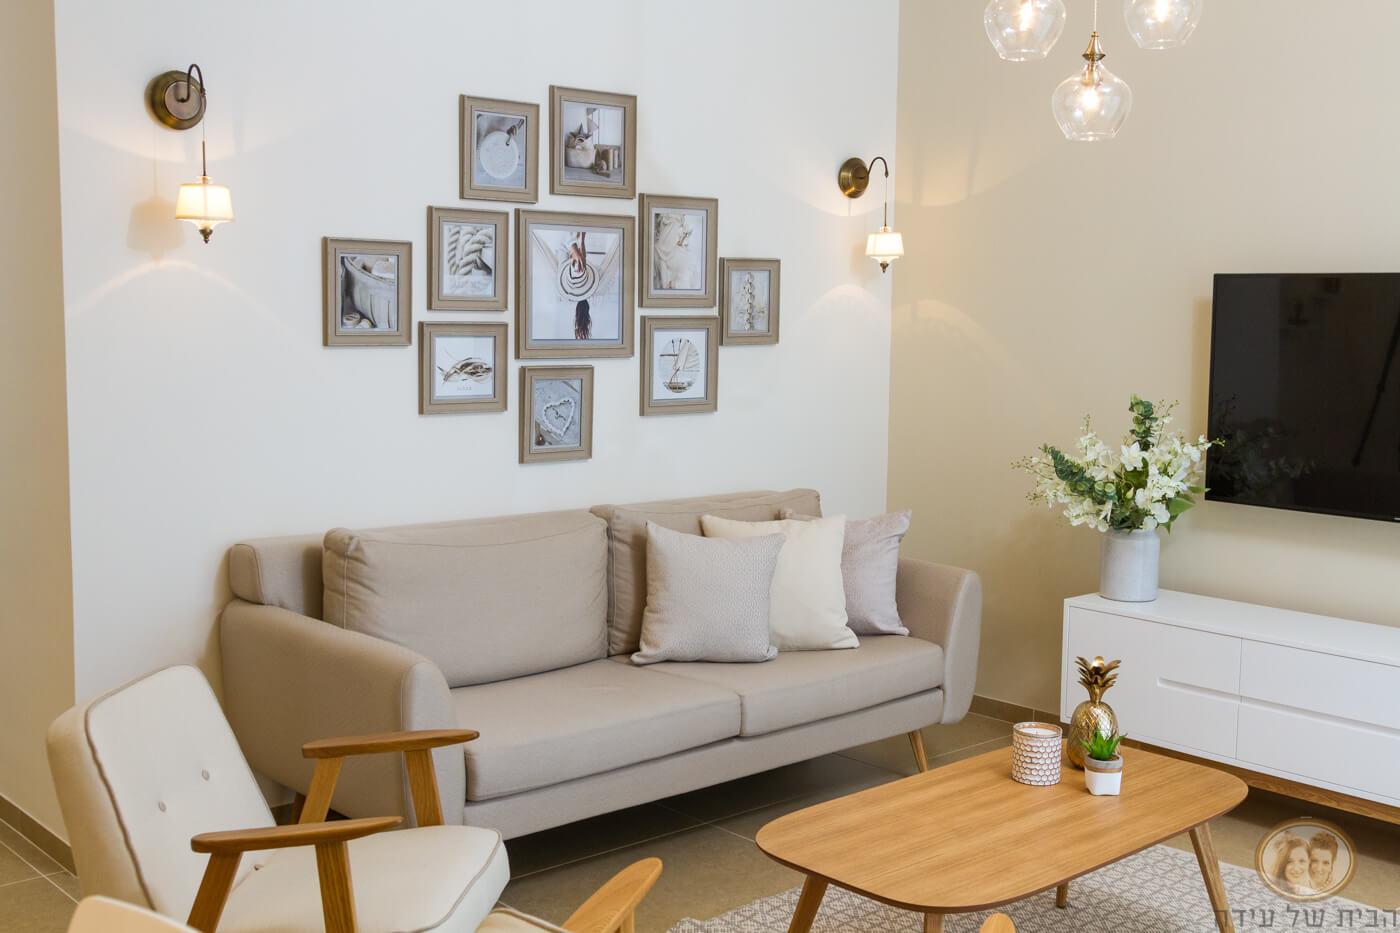 תמונות לסלון של פייפר בלה